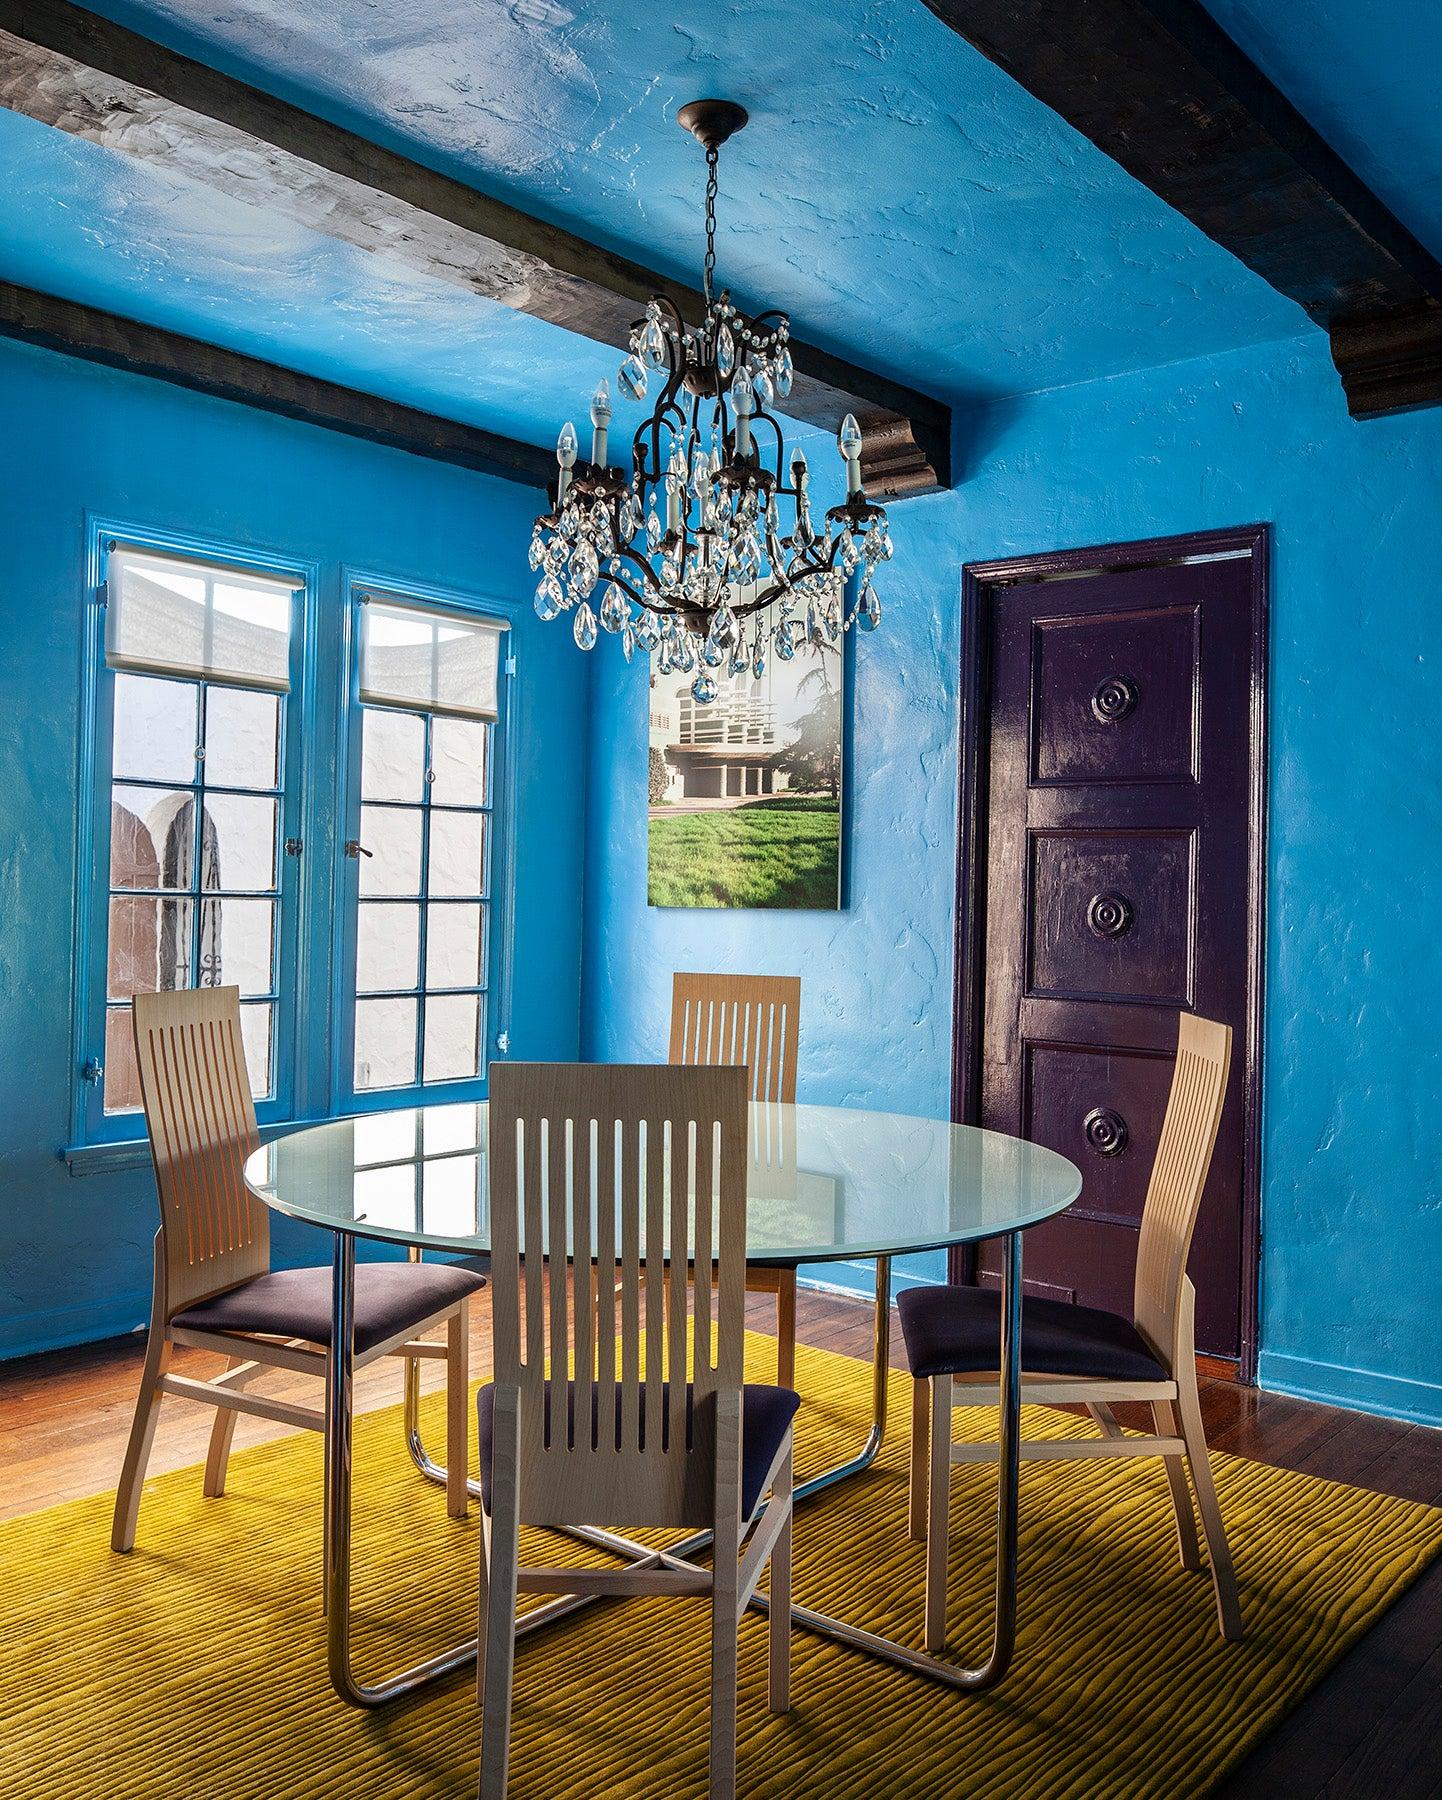 blue-plaster-wall-dining-room